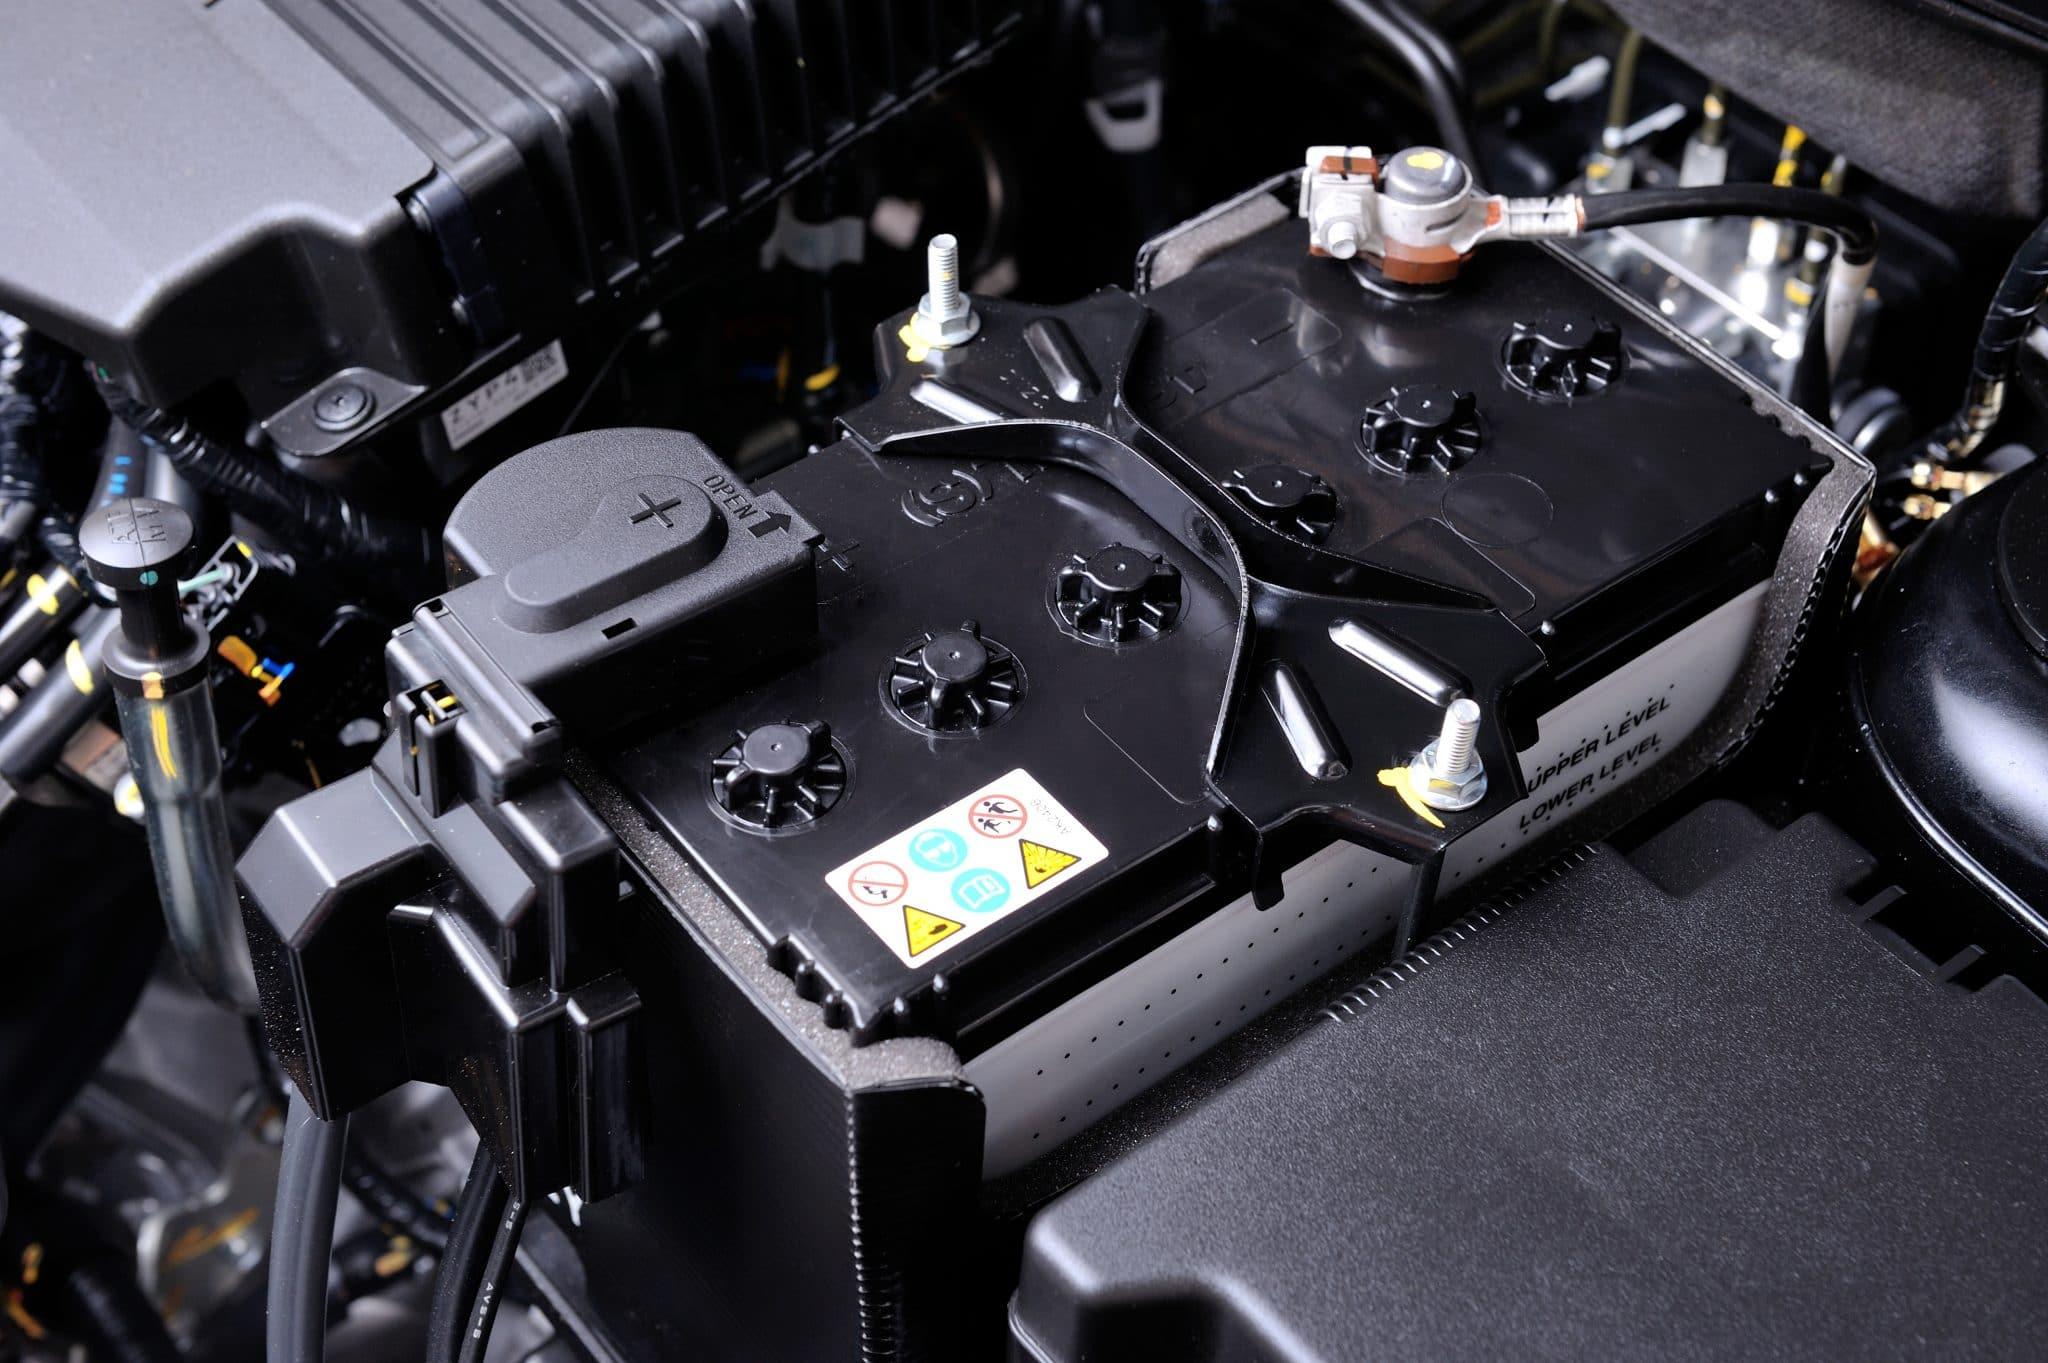 Comment savoir s'il faut changer la batterie de voiture ?